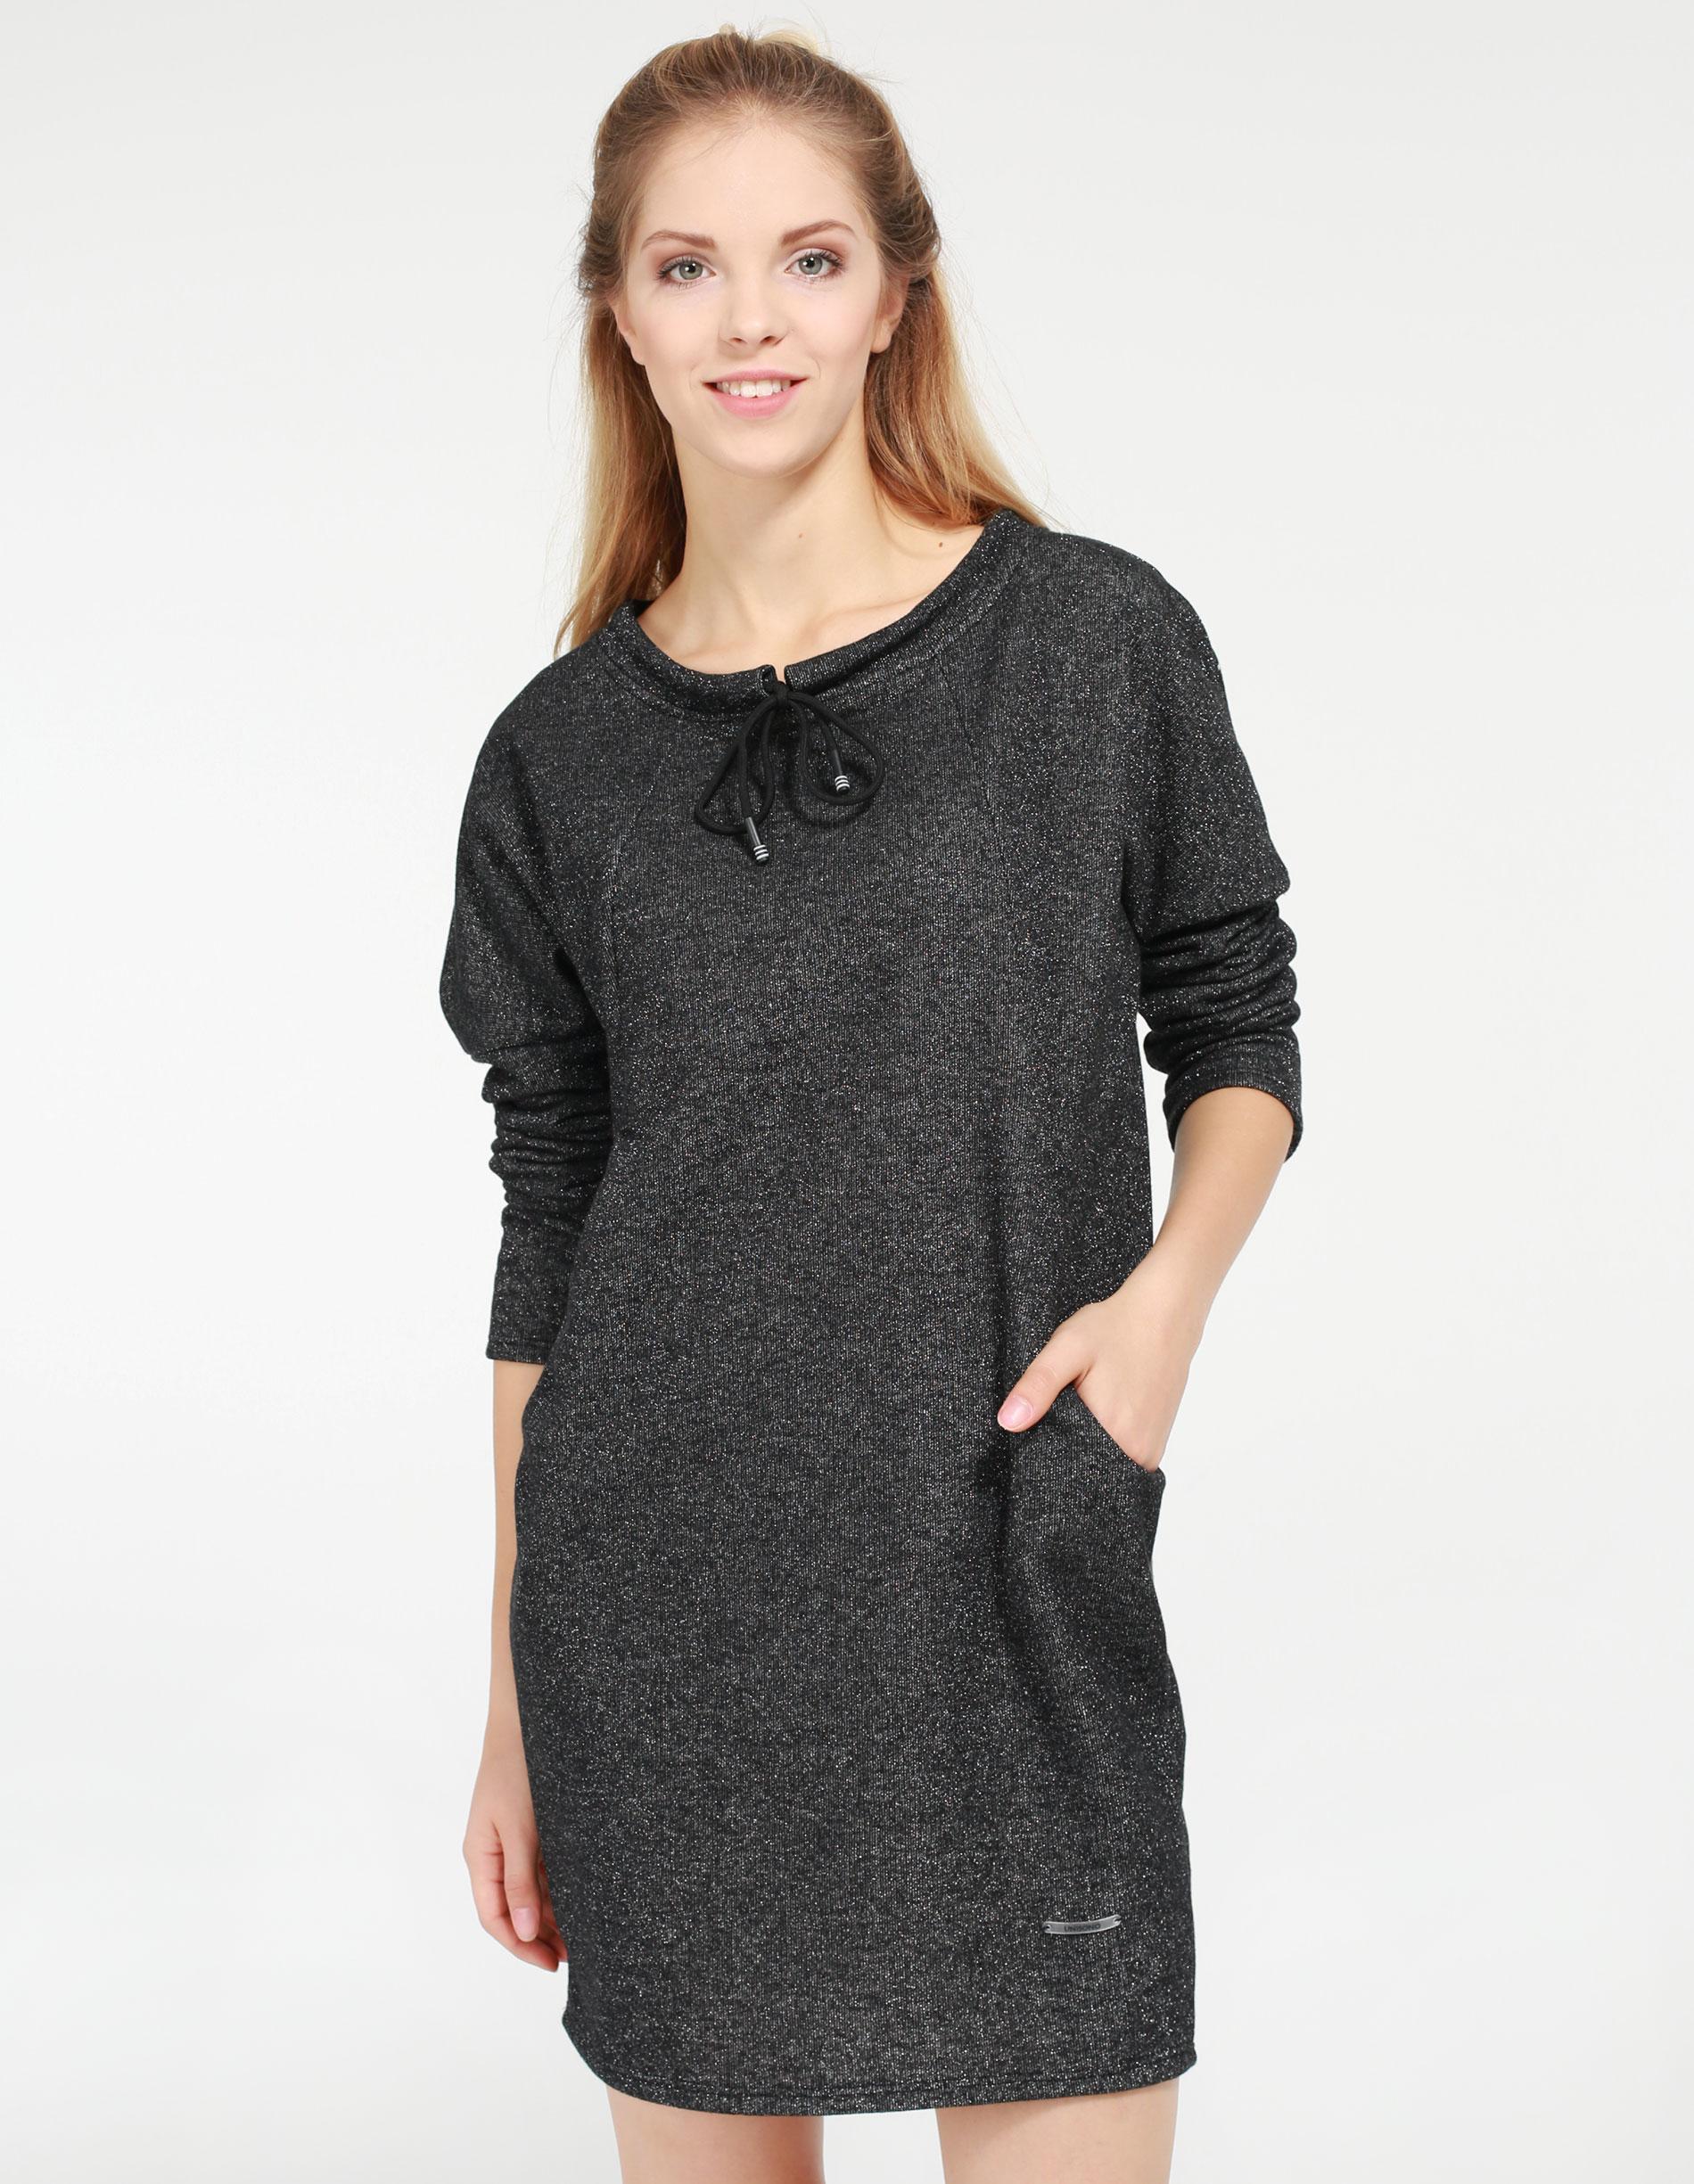 Sukienka - 30-86227B NER - Unisono